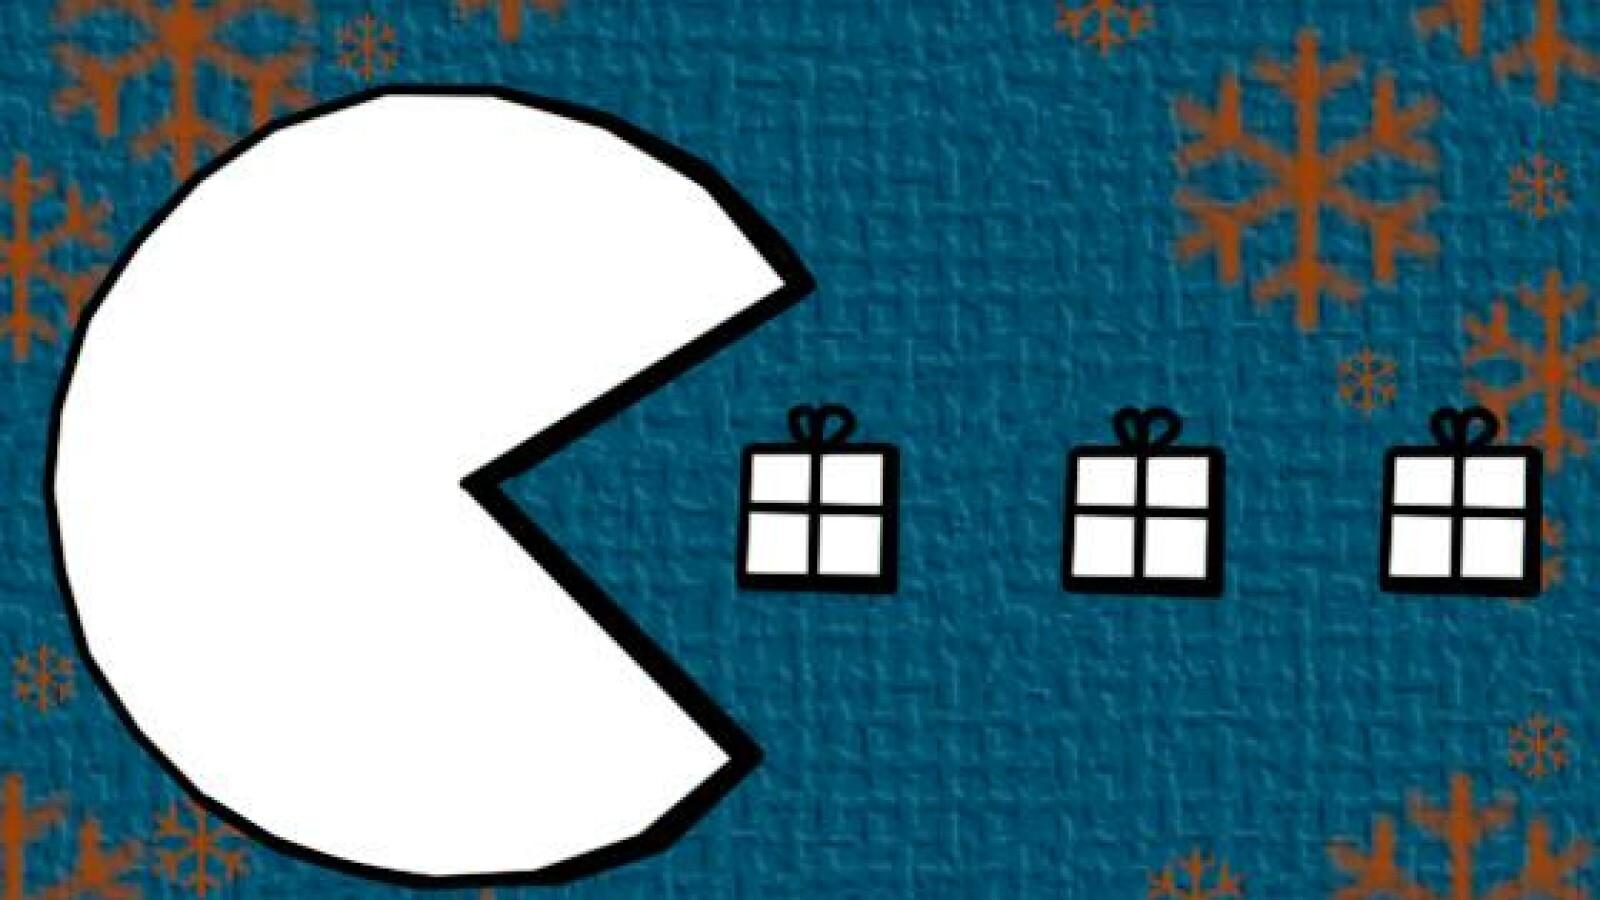 Kaufberatung: Geschenke für Gamer bis 80 Euro - NETZWELT